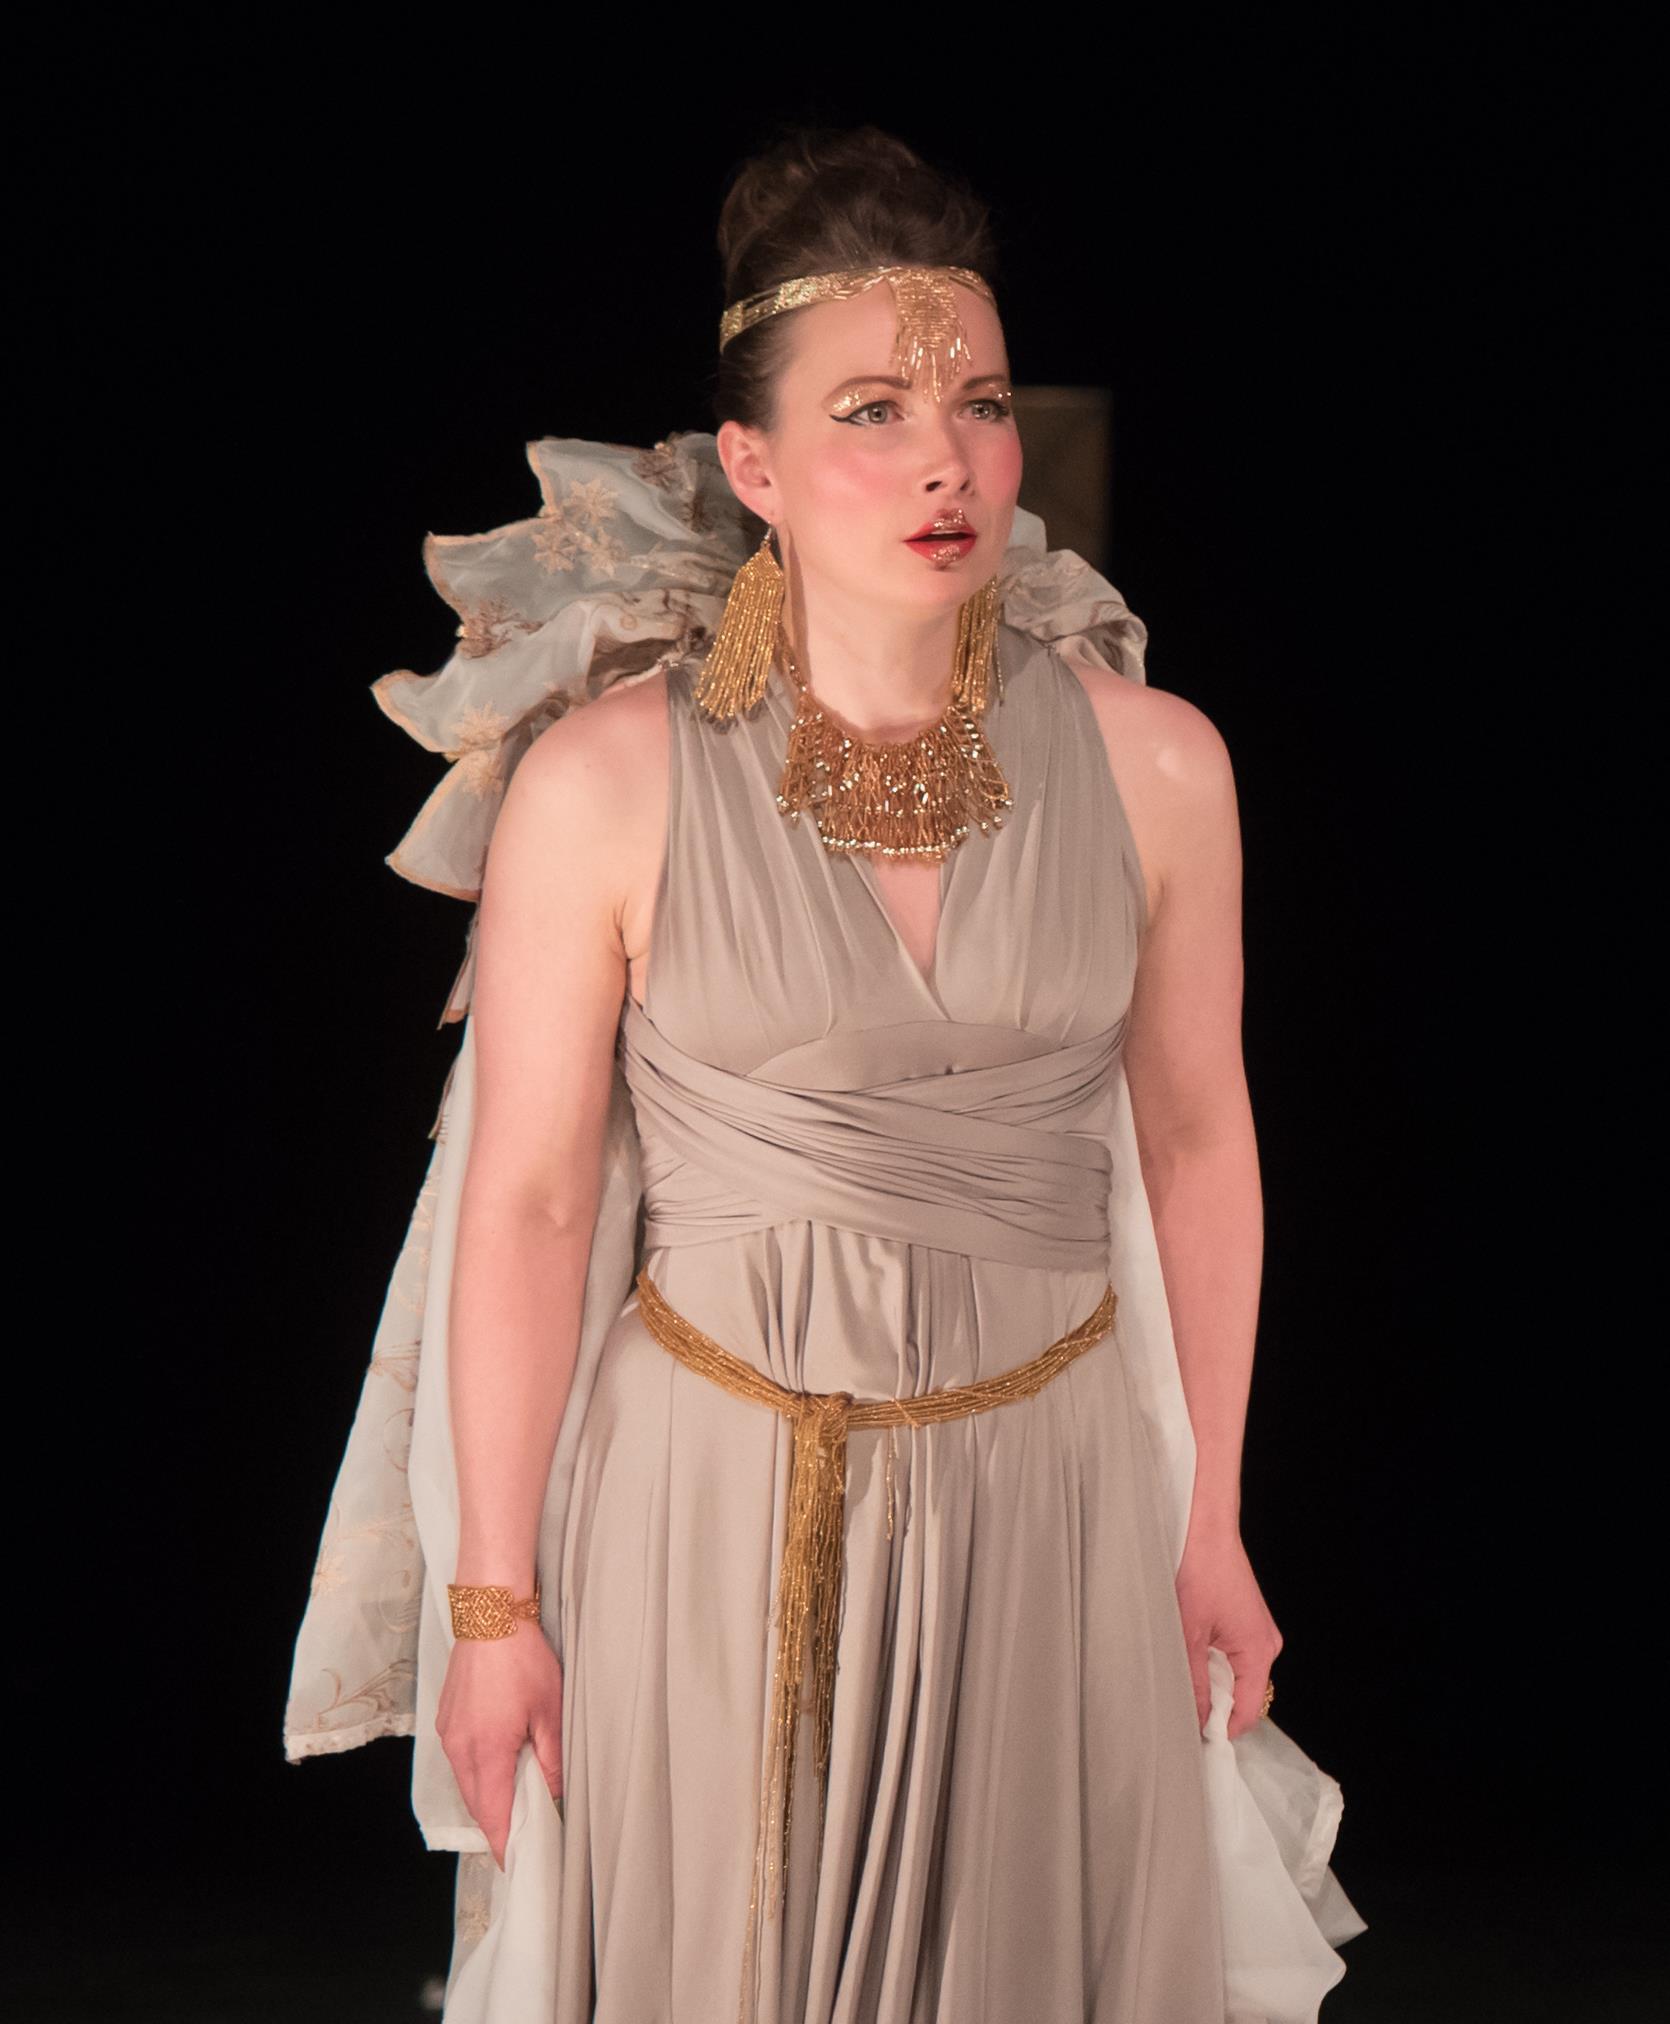 Georgina - Les habits de l'empereur